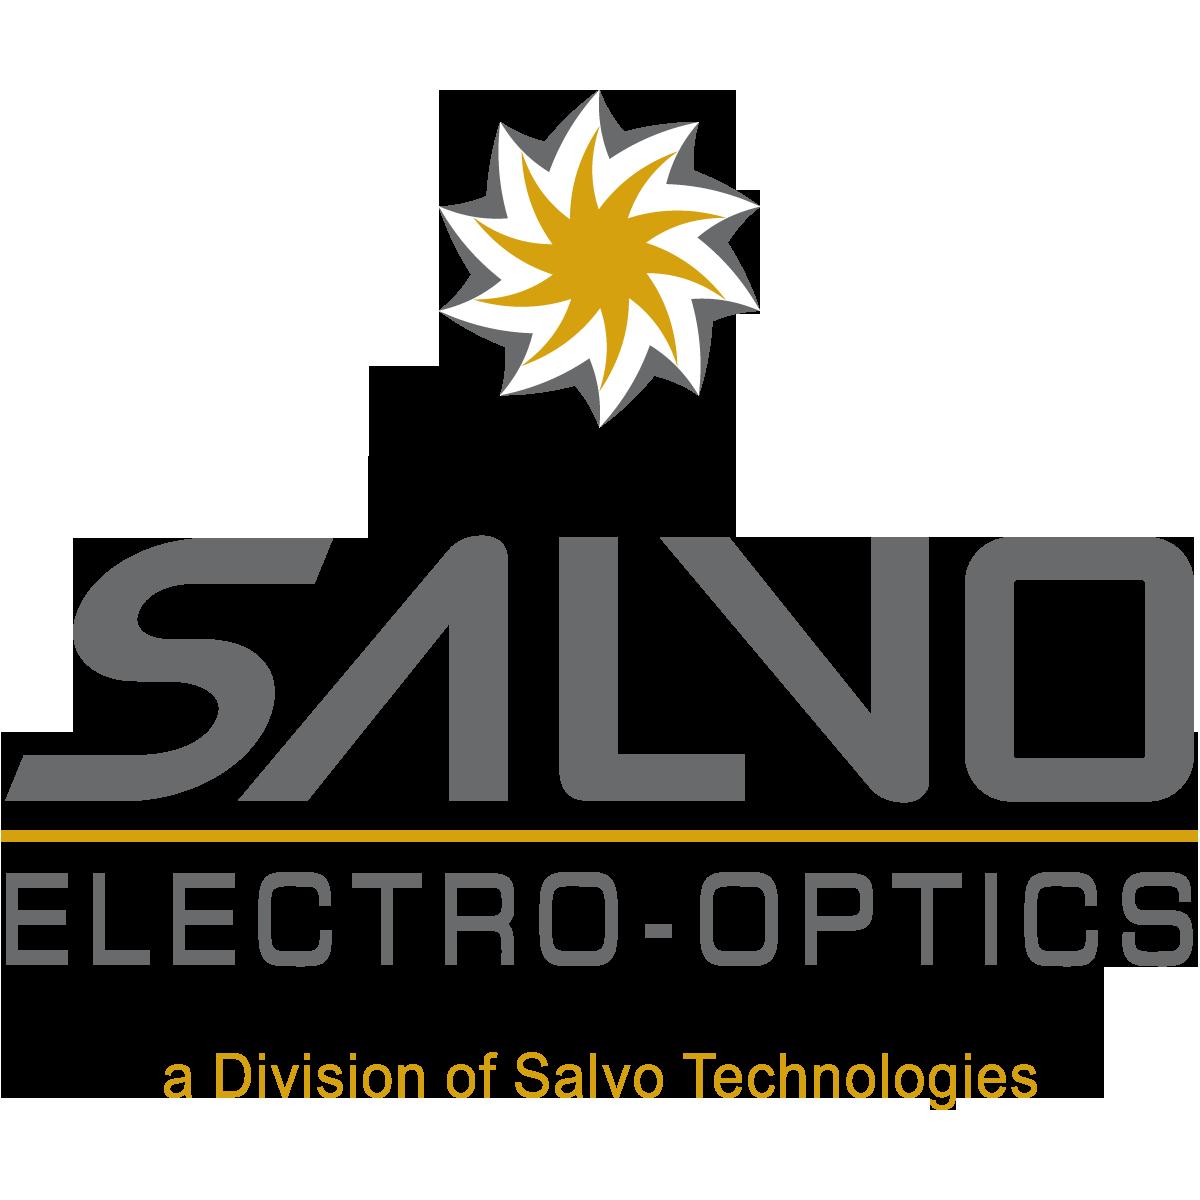 Salvo Electro-Optics